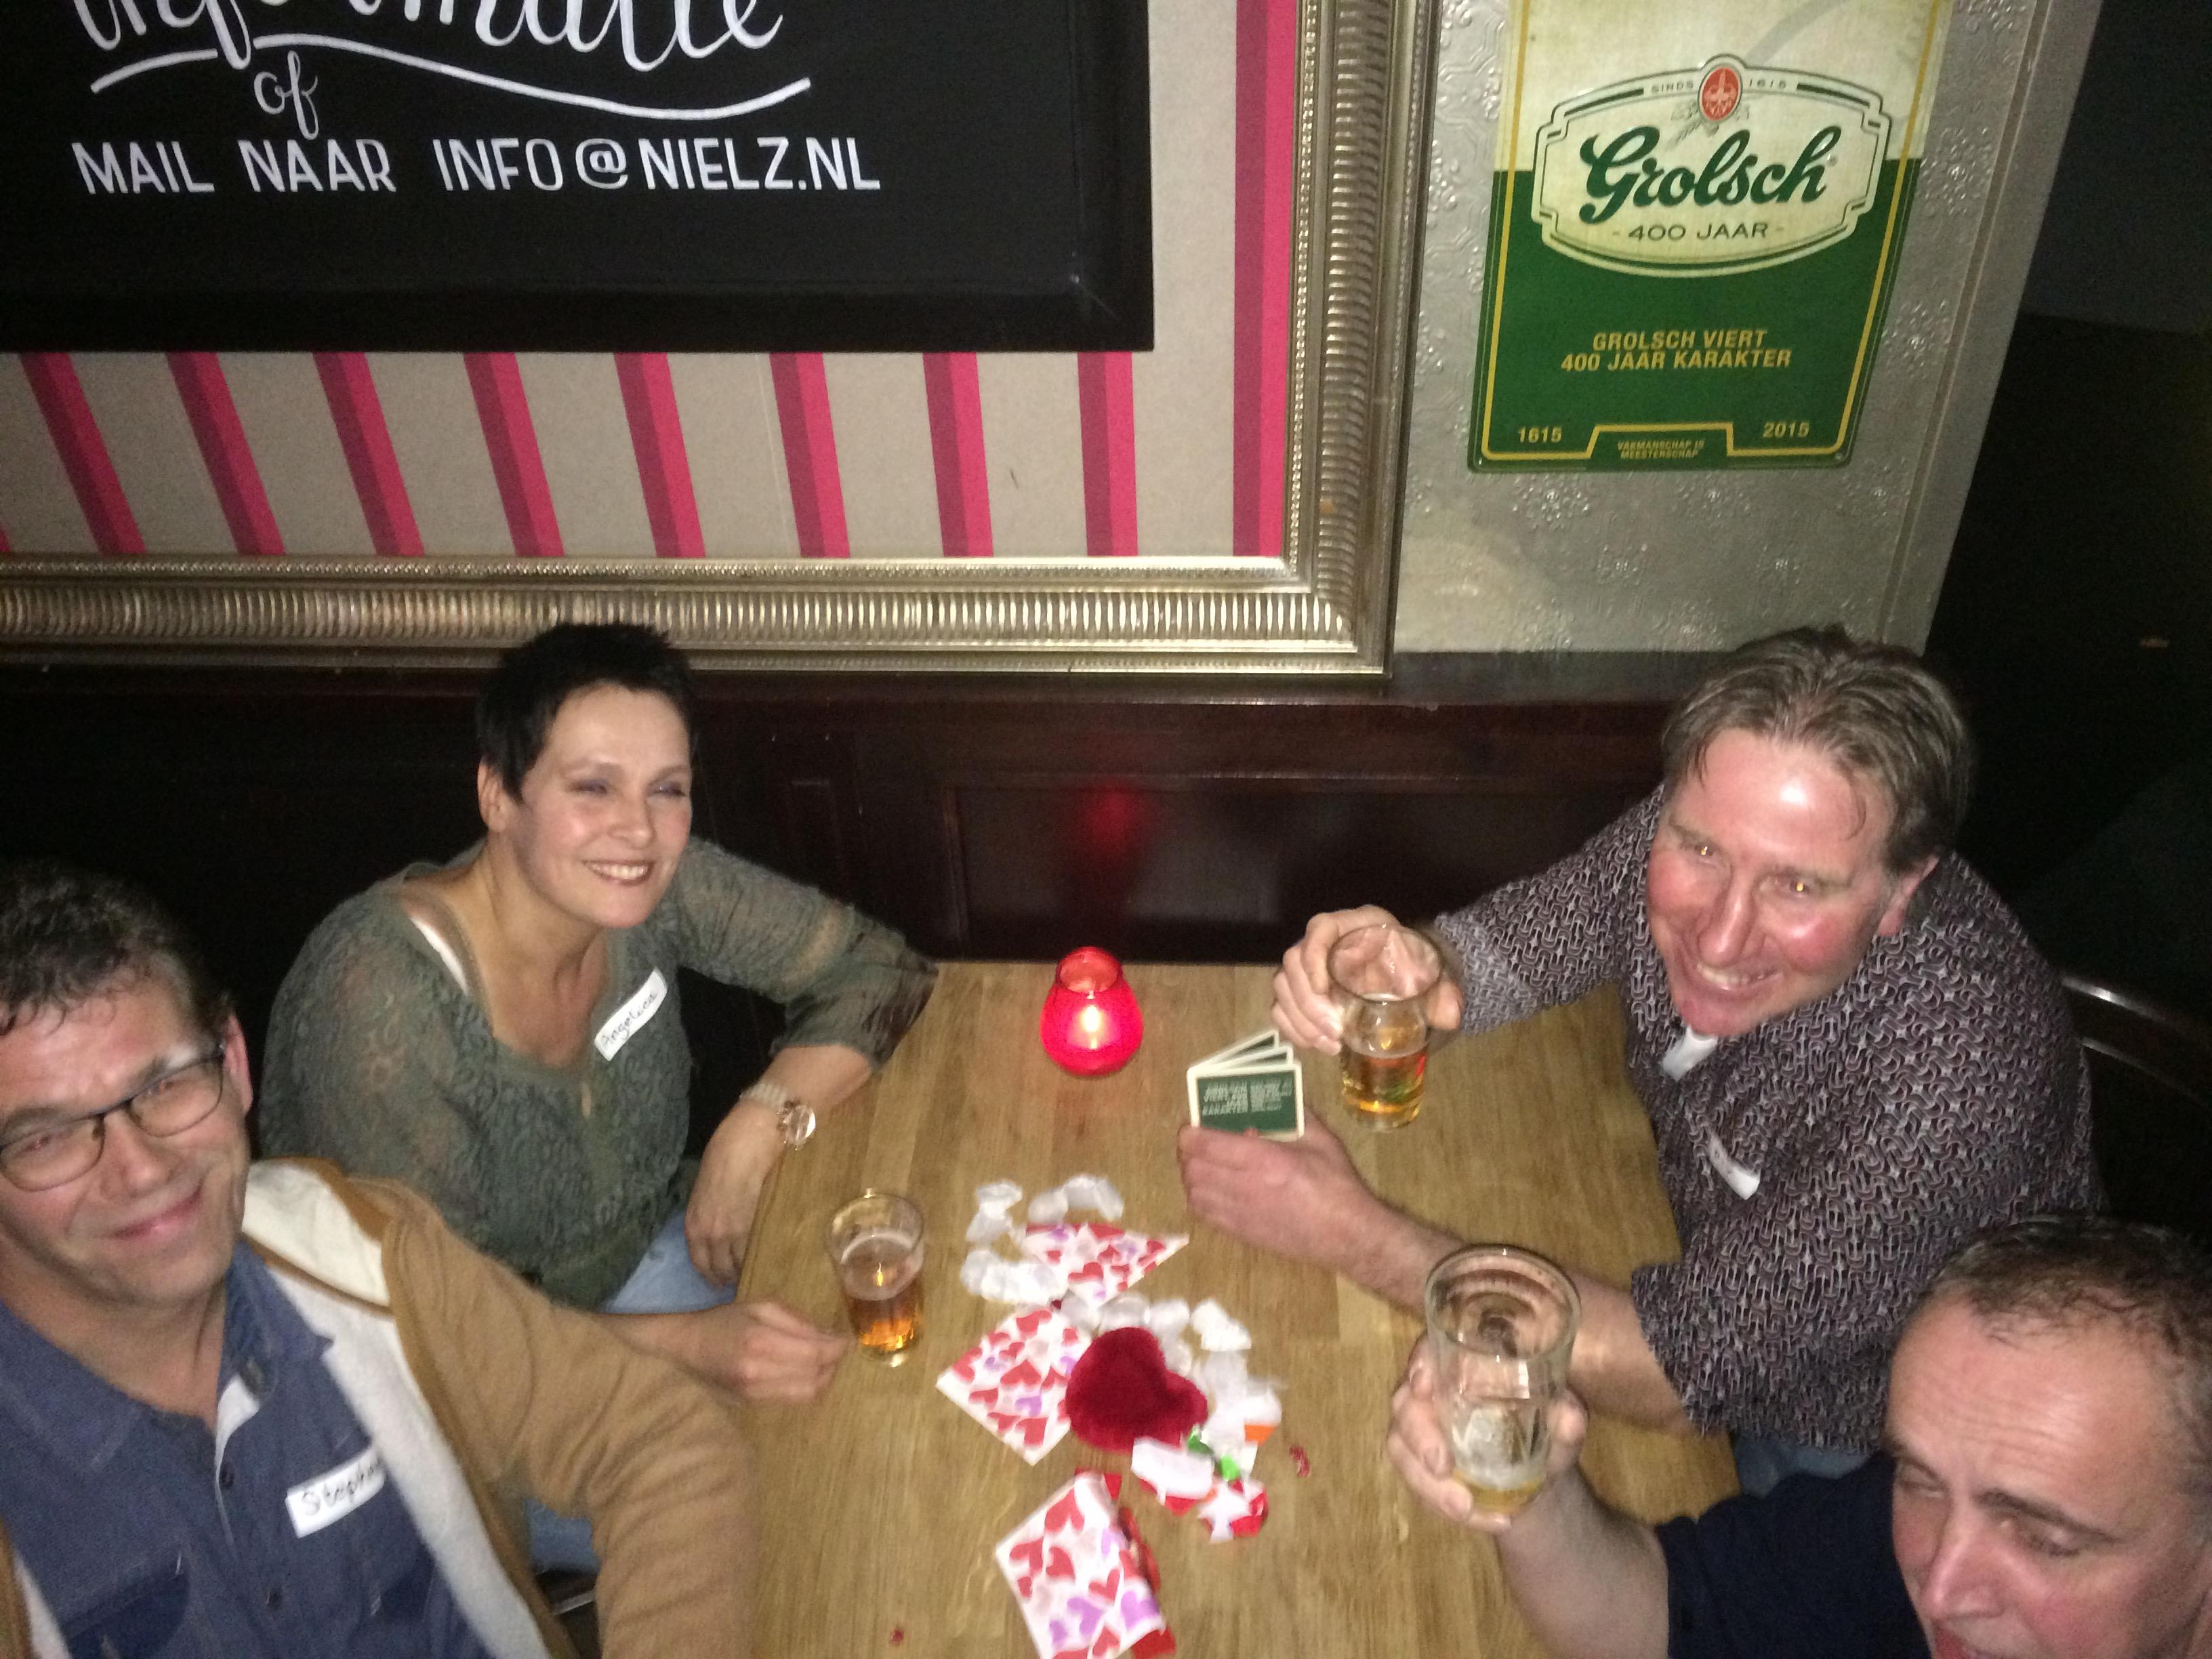 Singlescafe in teken van Valentijn bij cafe NielZ Almelo